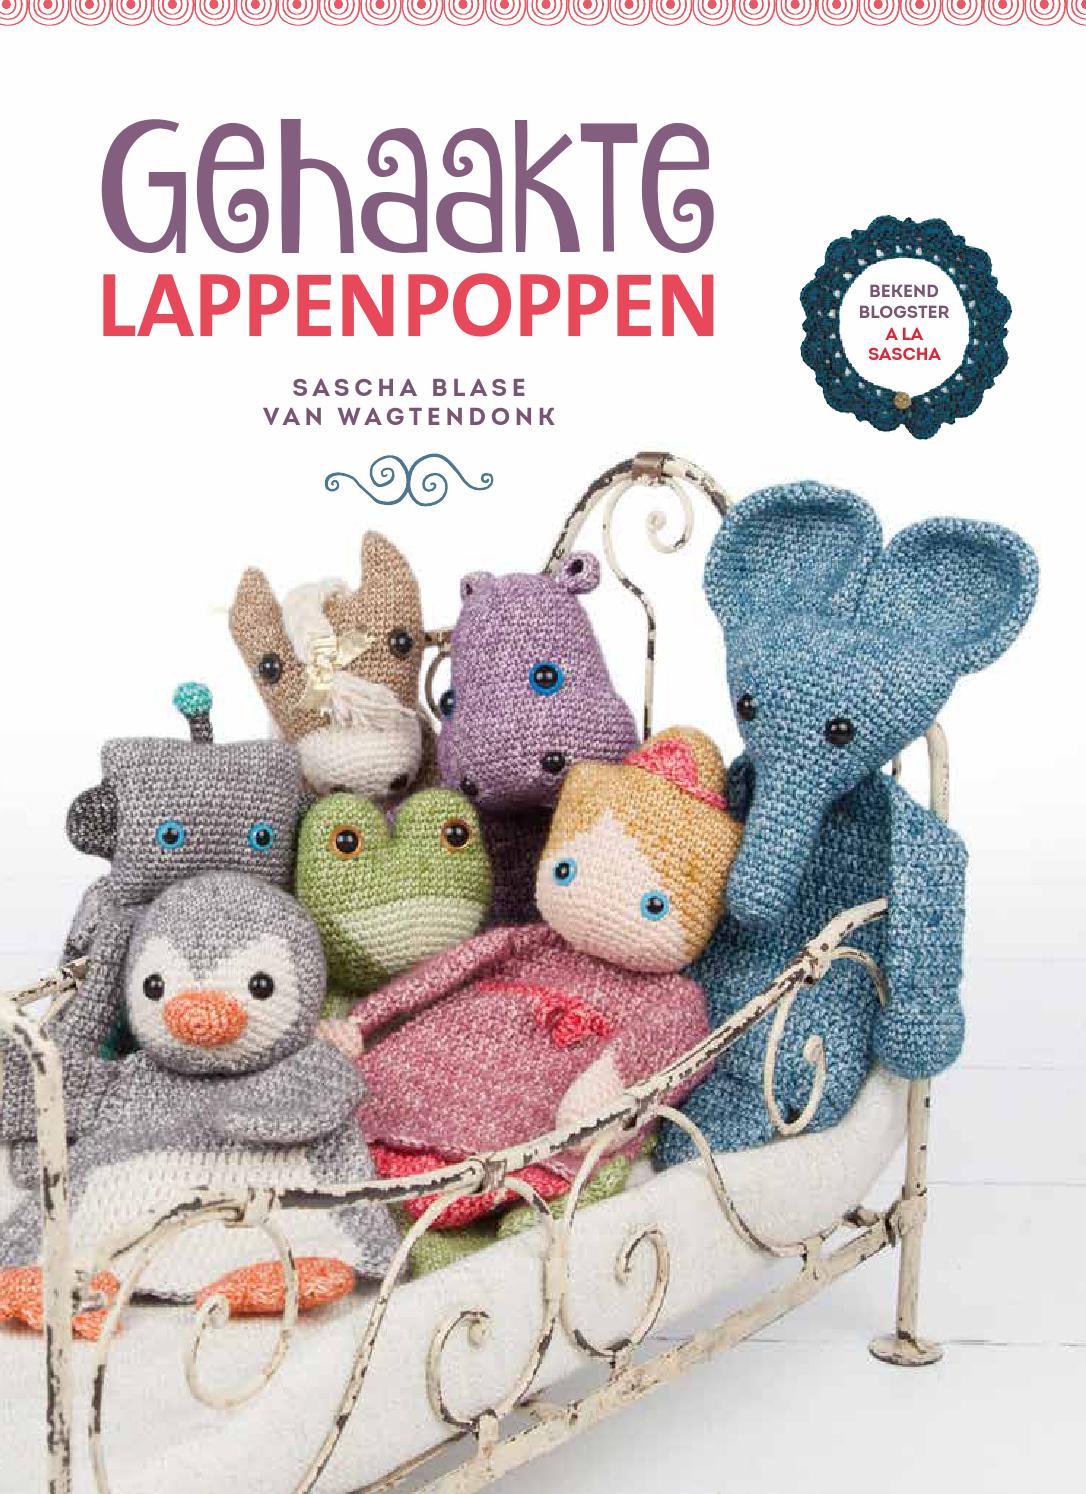 Inkijkexemplaar Gehaakte Lappenpoppen Sascha Blase Van Wagtendonk